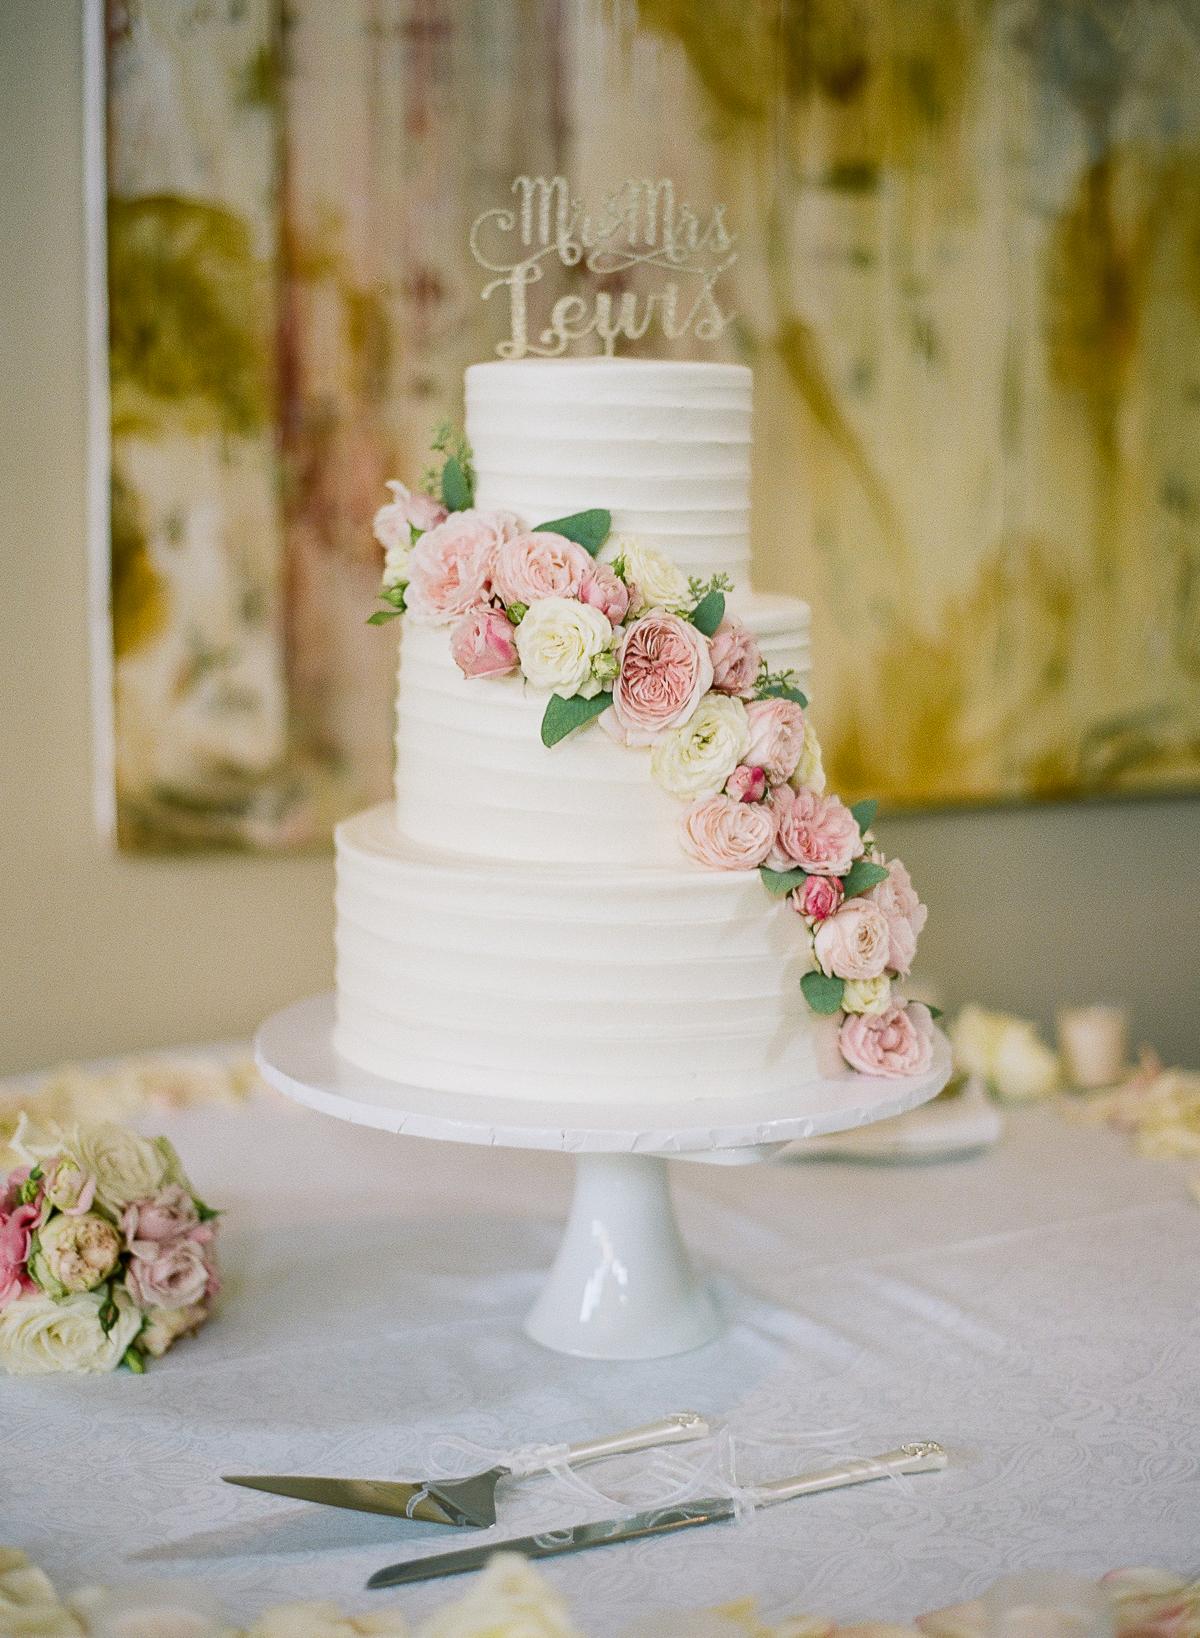 Wedding Cake With Pink Flower Garland Elizabeth Anne Designs The